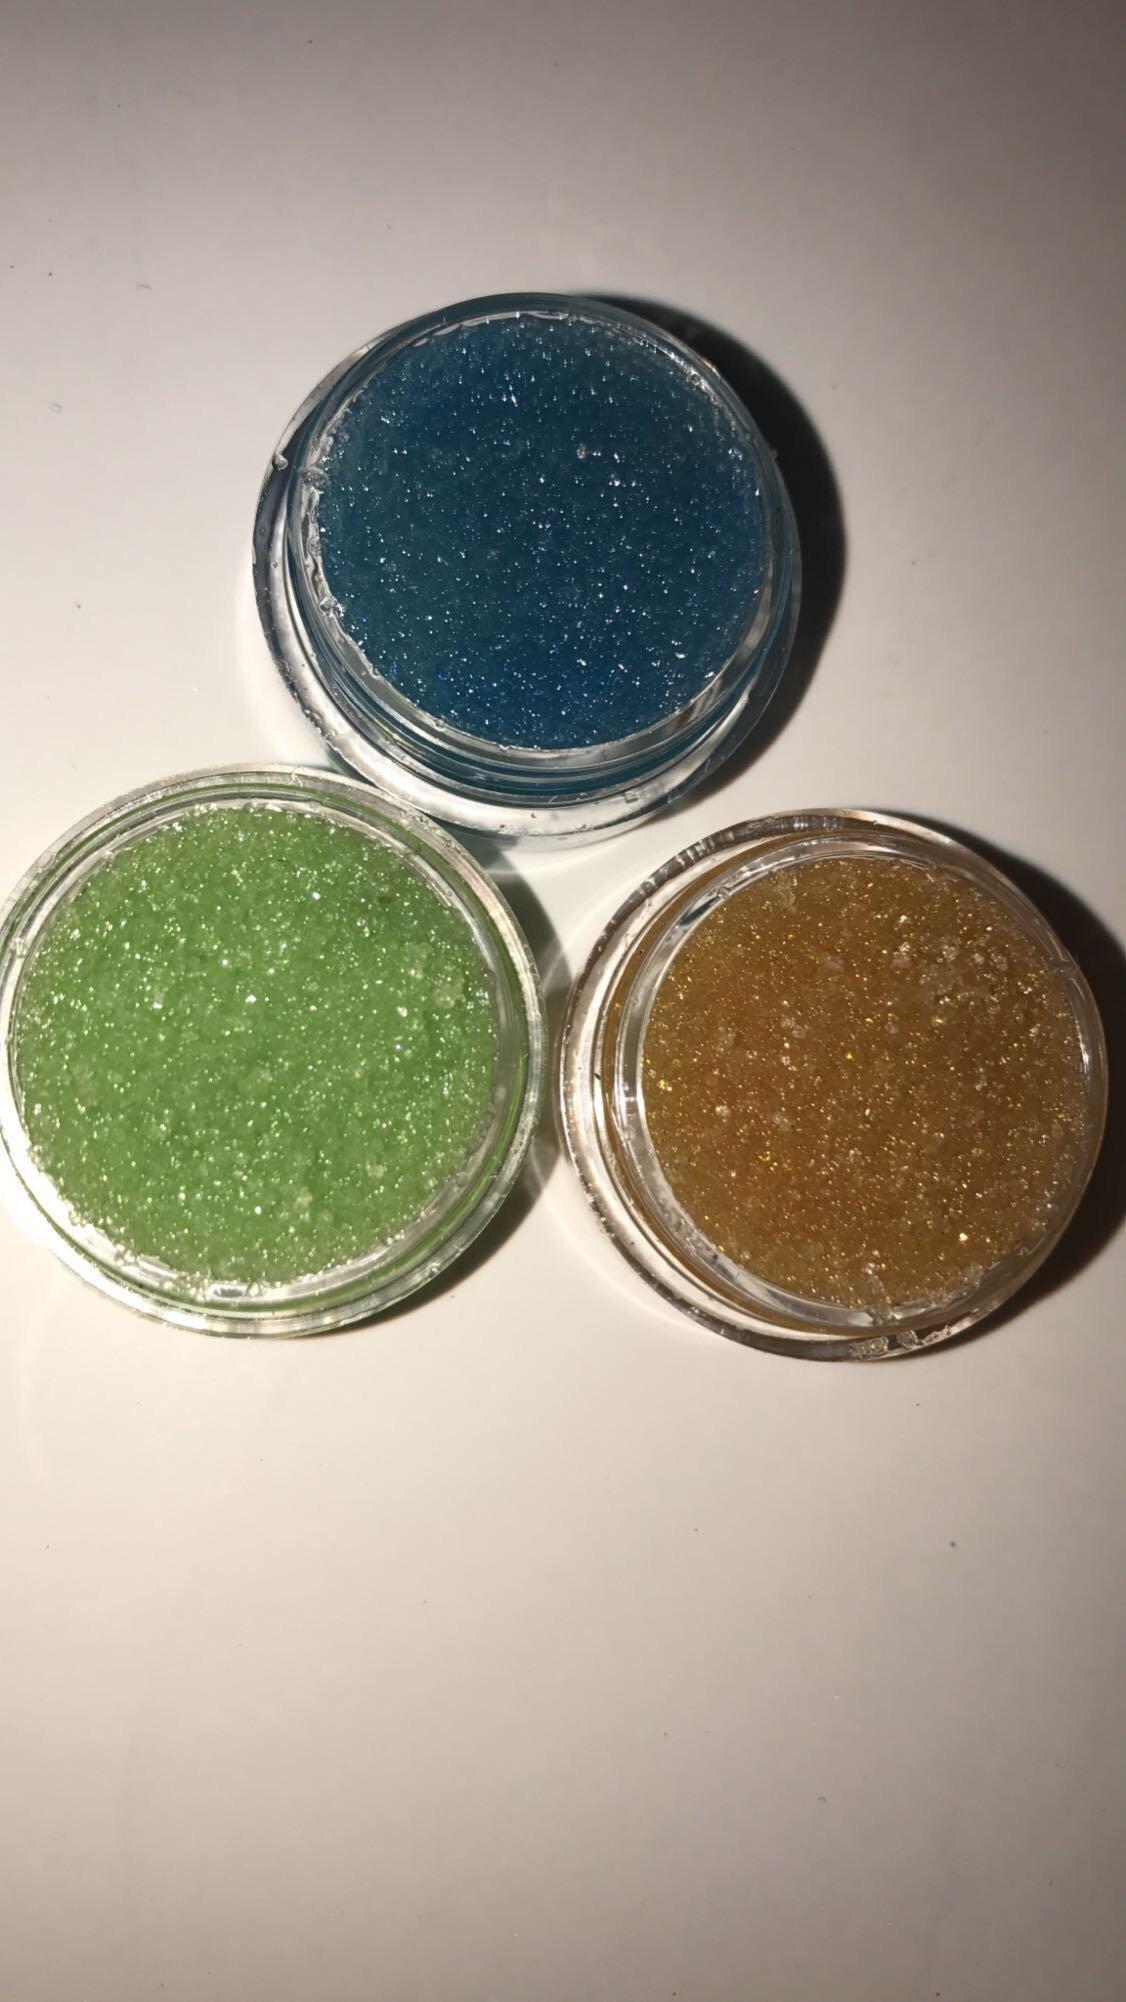 Image of ✨ Coconut Sugar LipScrub Trio